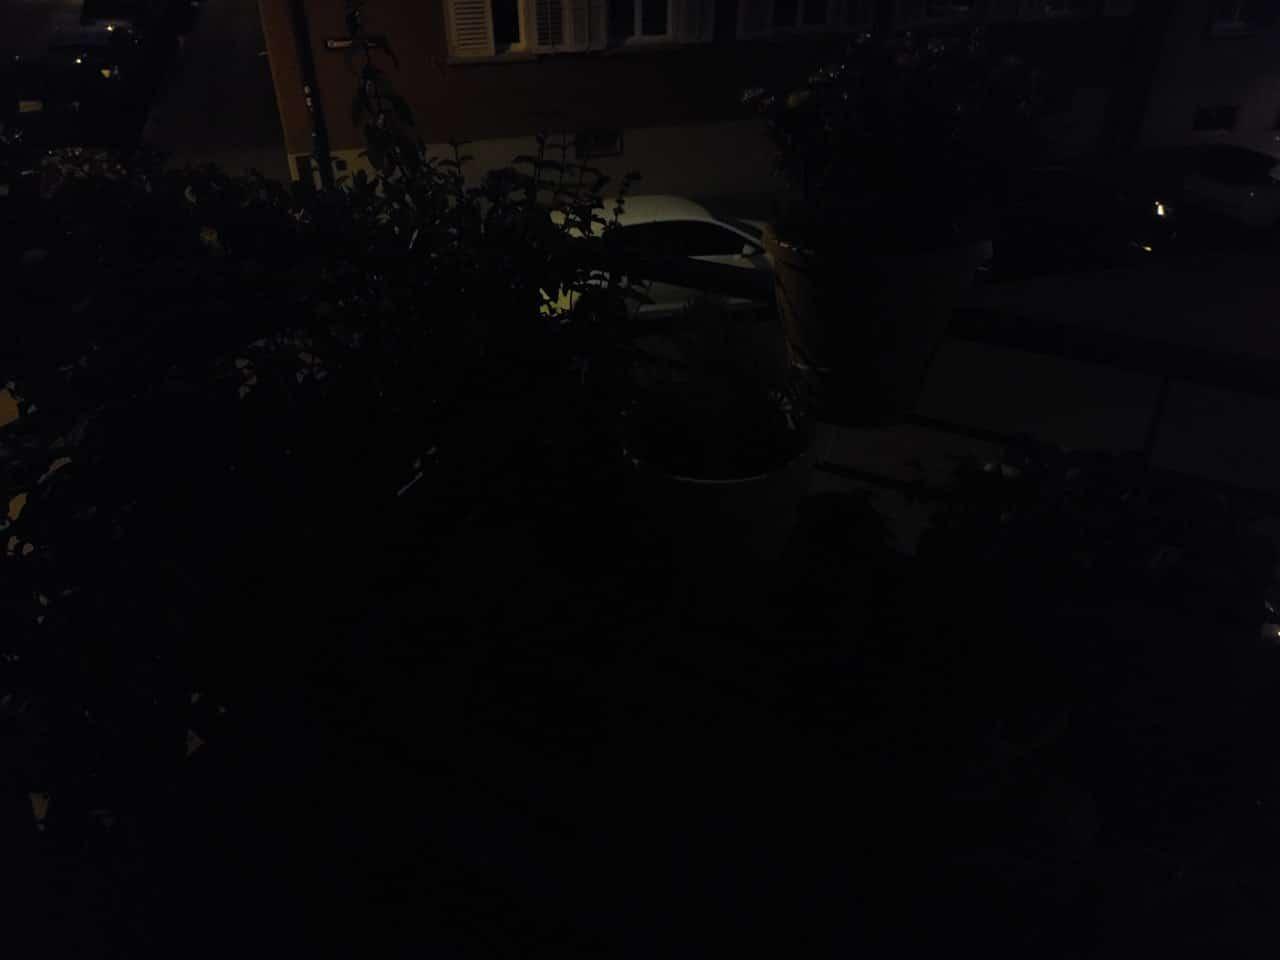 LG Vevlet Nachtaufnahme ohne Nachtmodus